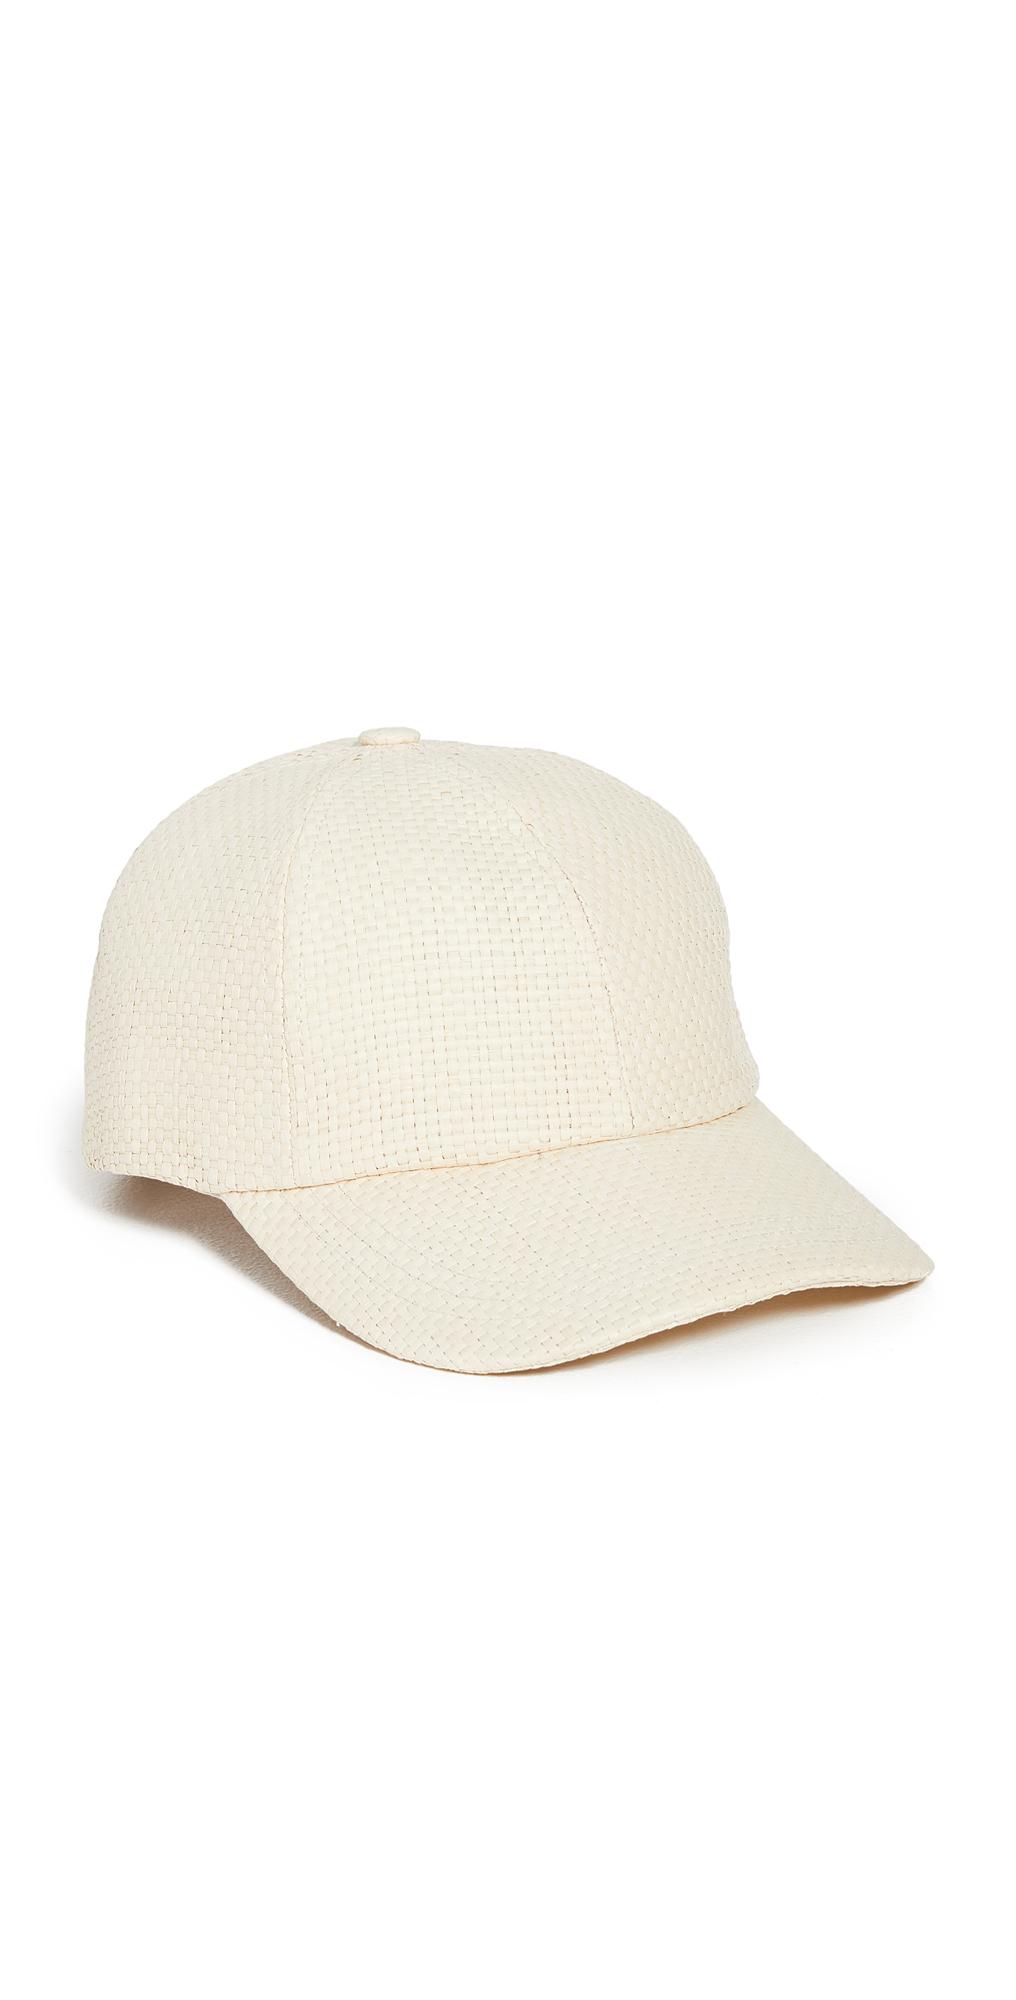 Beach Baseball Cap